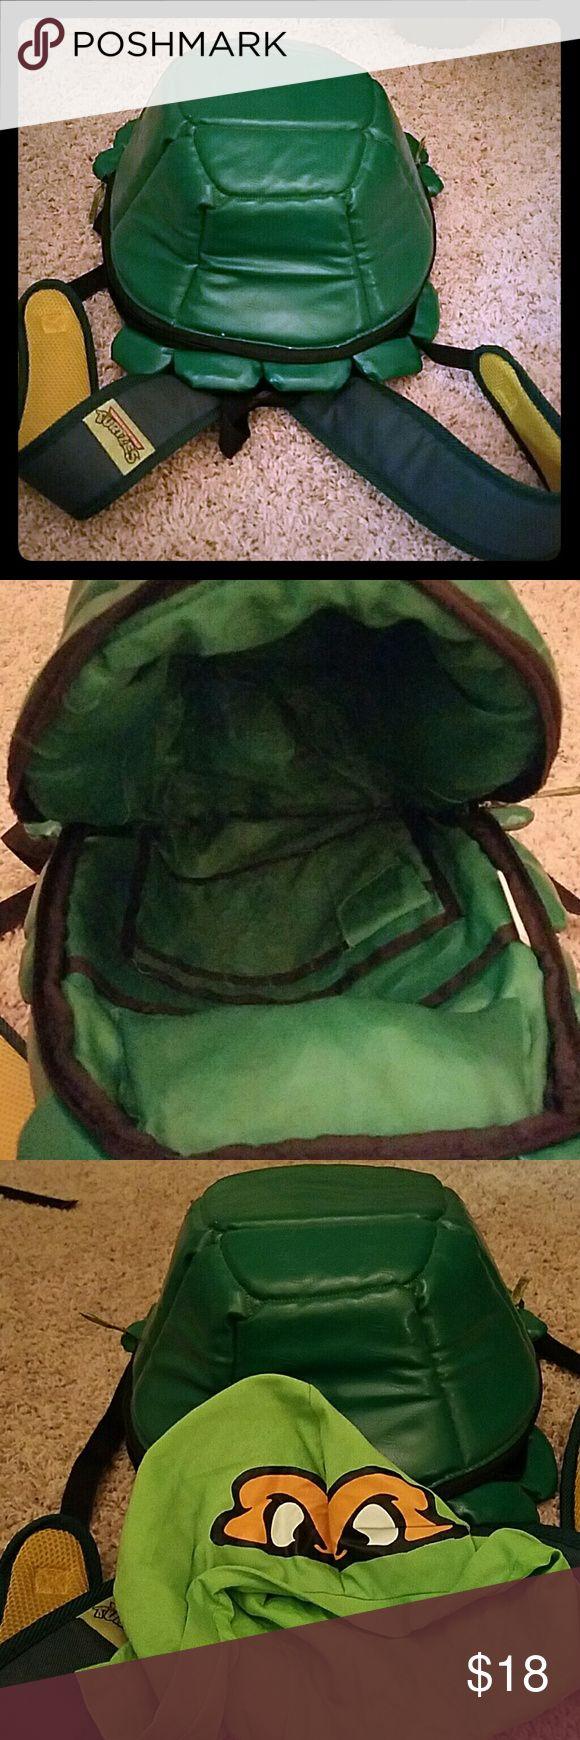 TMNT ninja turtle backpack TMNT backpack with Michael Angelo hood that Unzips out. Nickelodeon Bags Backpacks